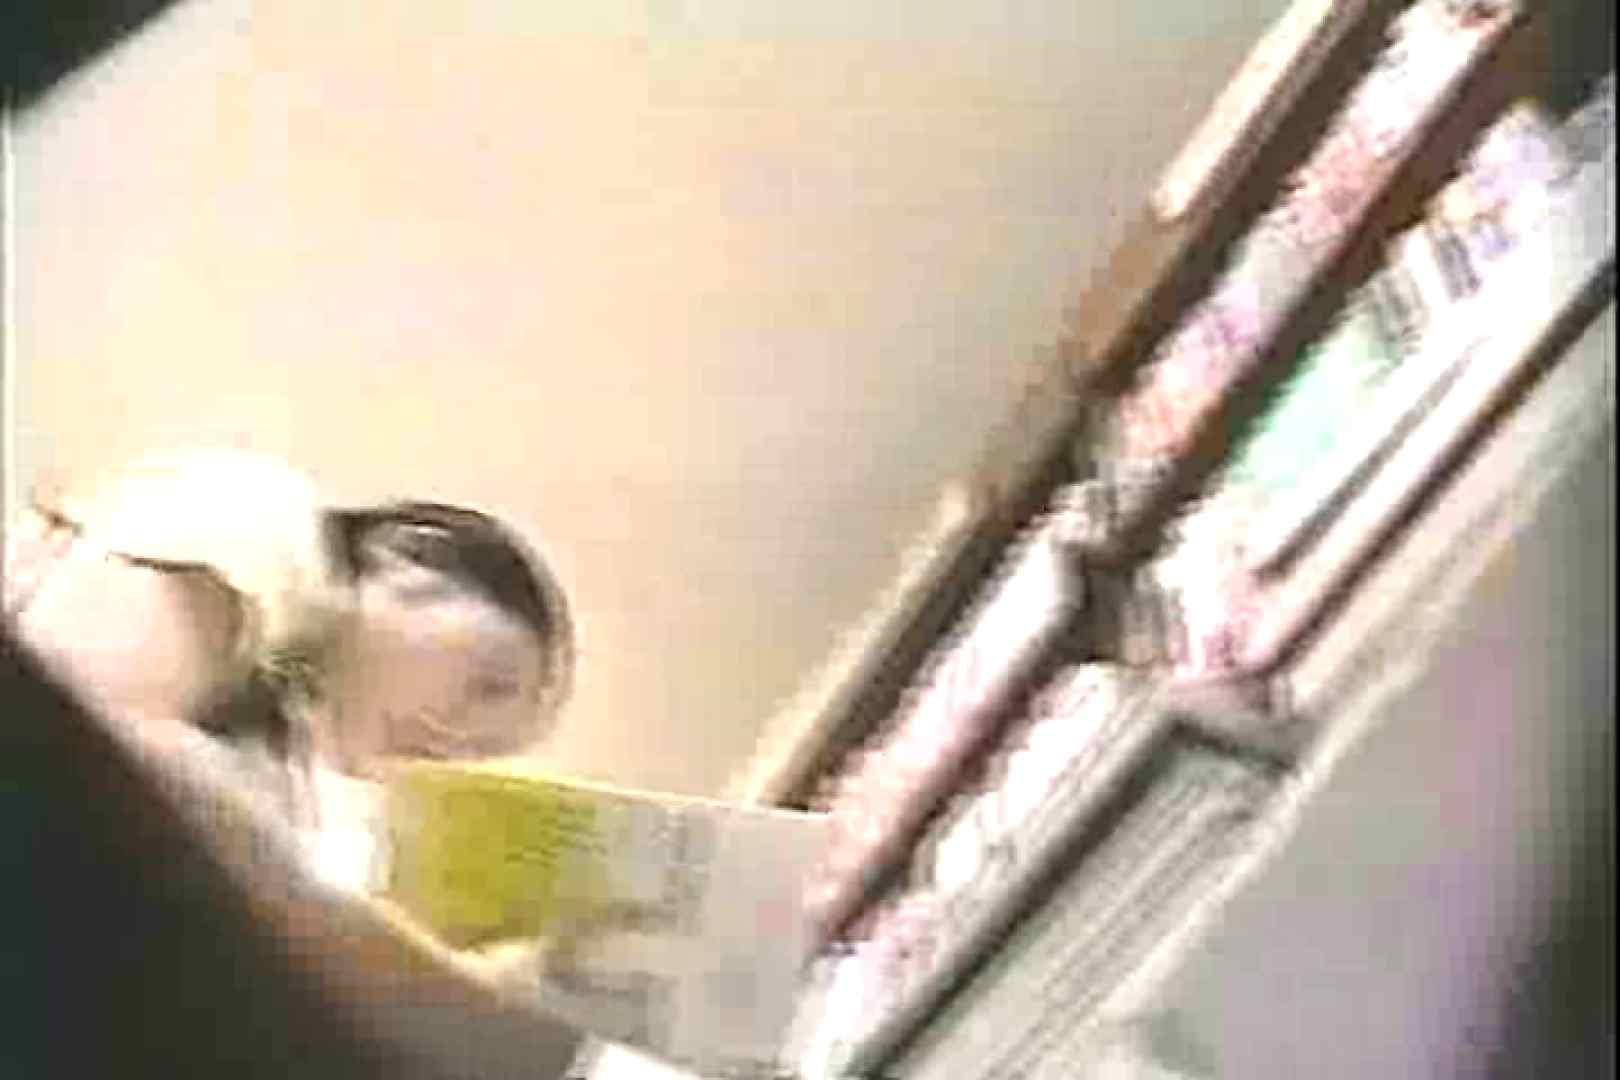 「ちくりん」さんのオリジナル未編集パンチラVol.3_02 美しいOLの裸体 覗きおまんこ画像 81pic 66